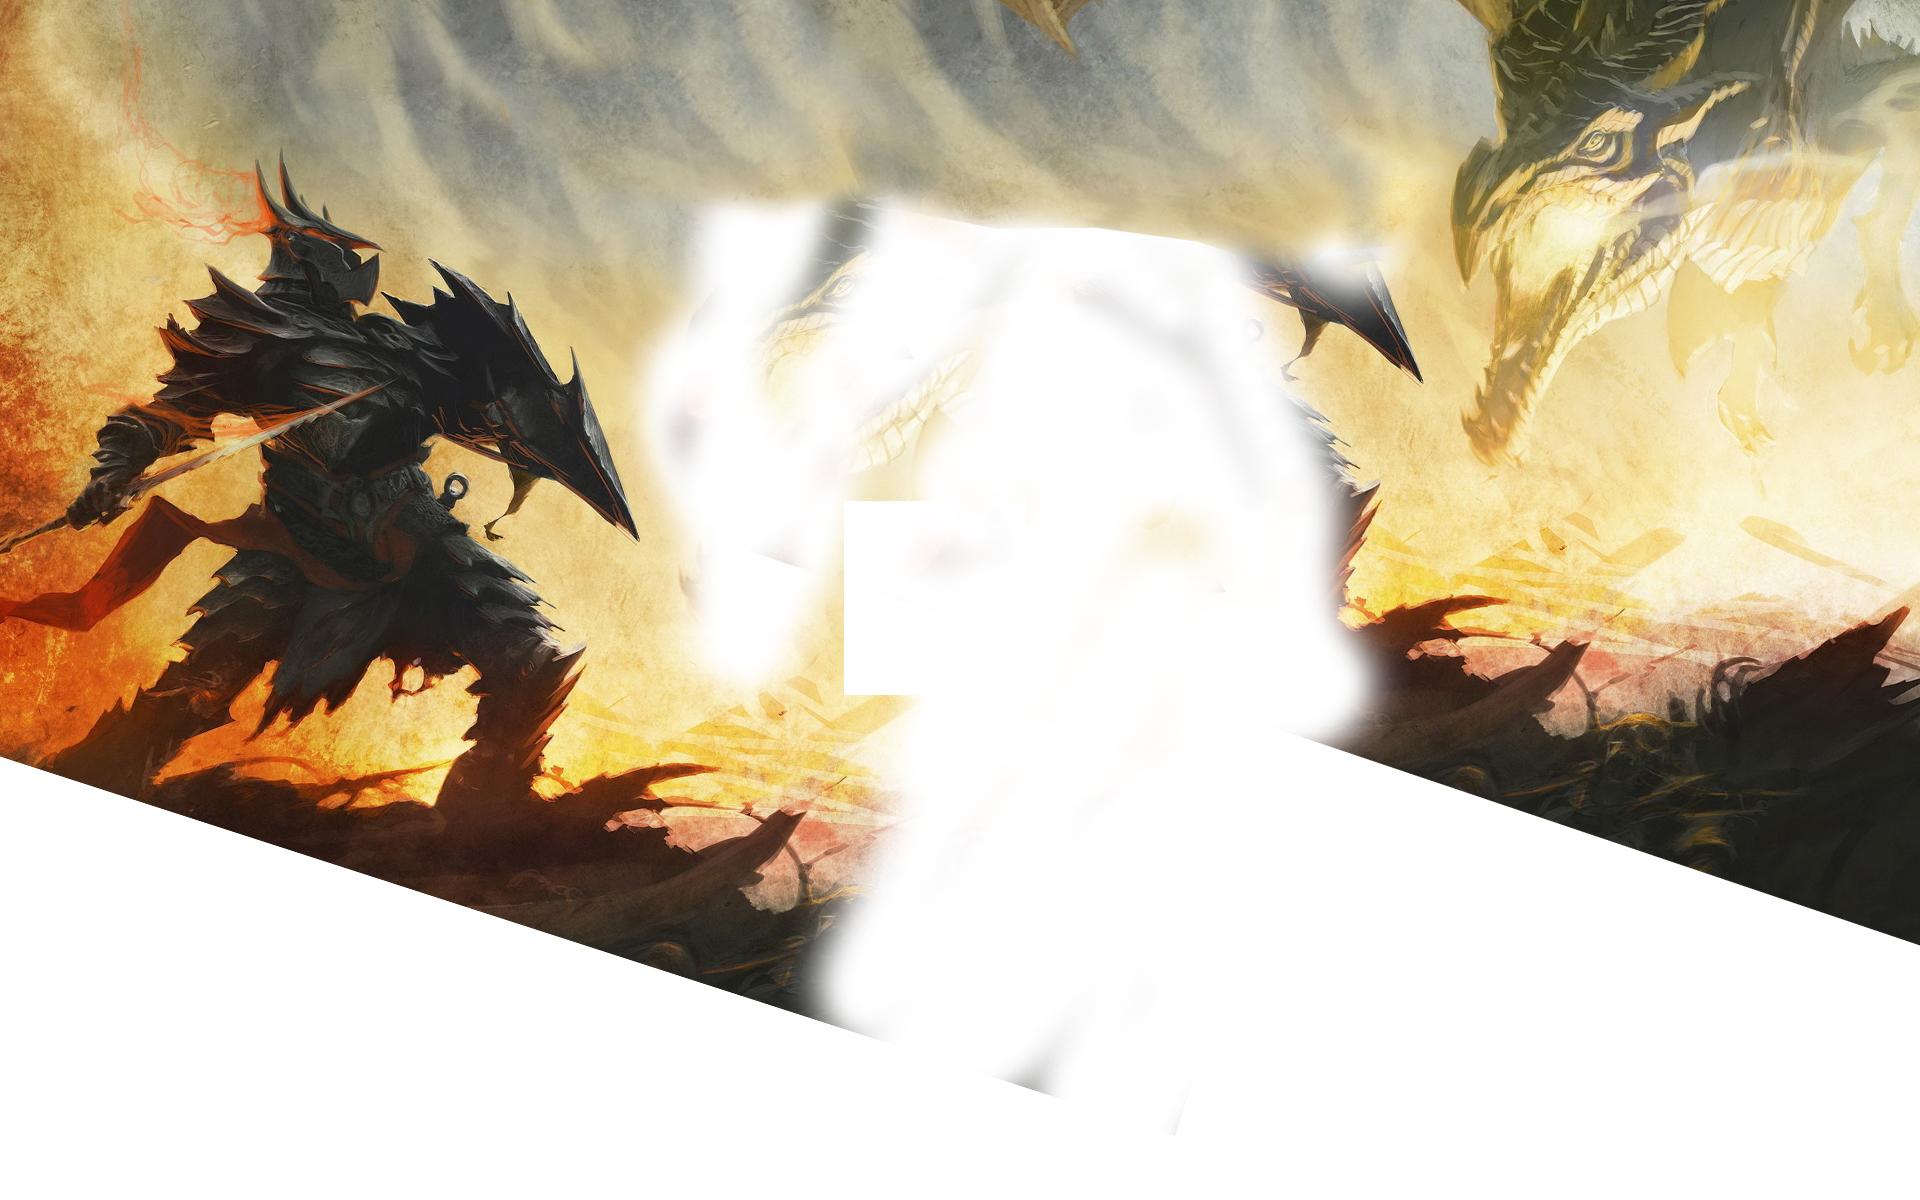 Background K gameR